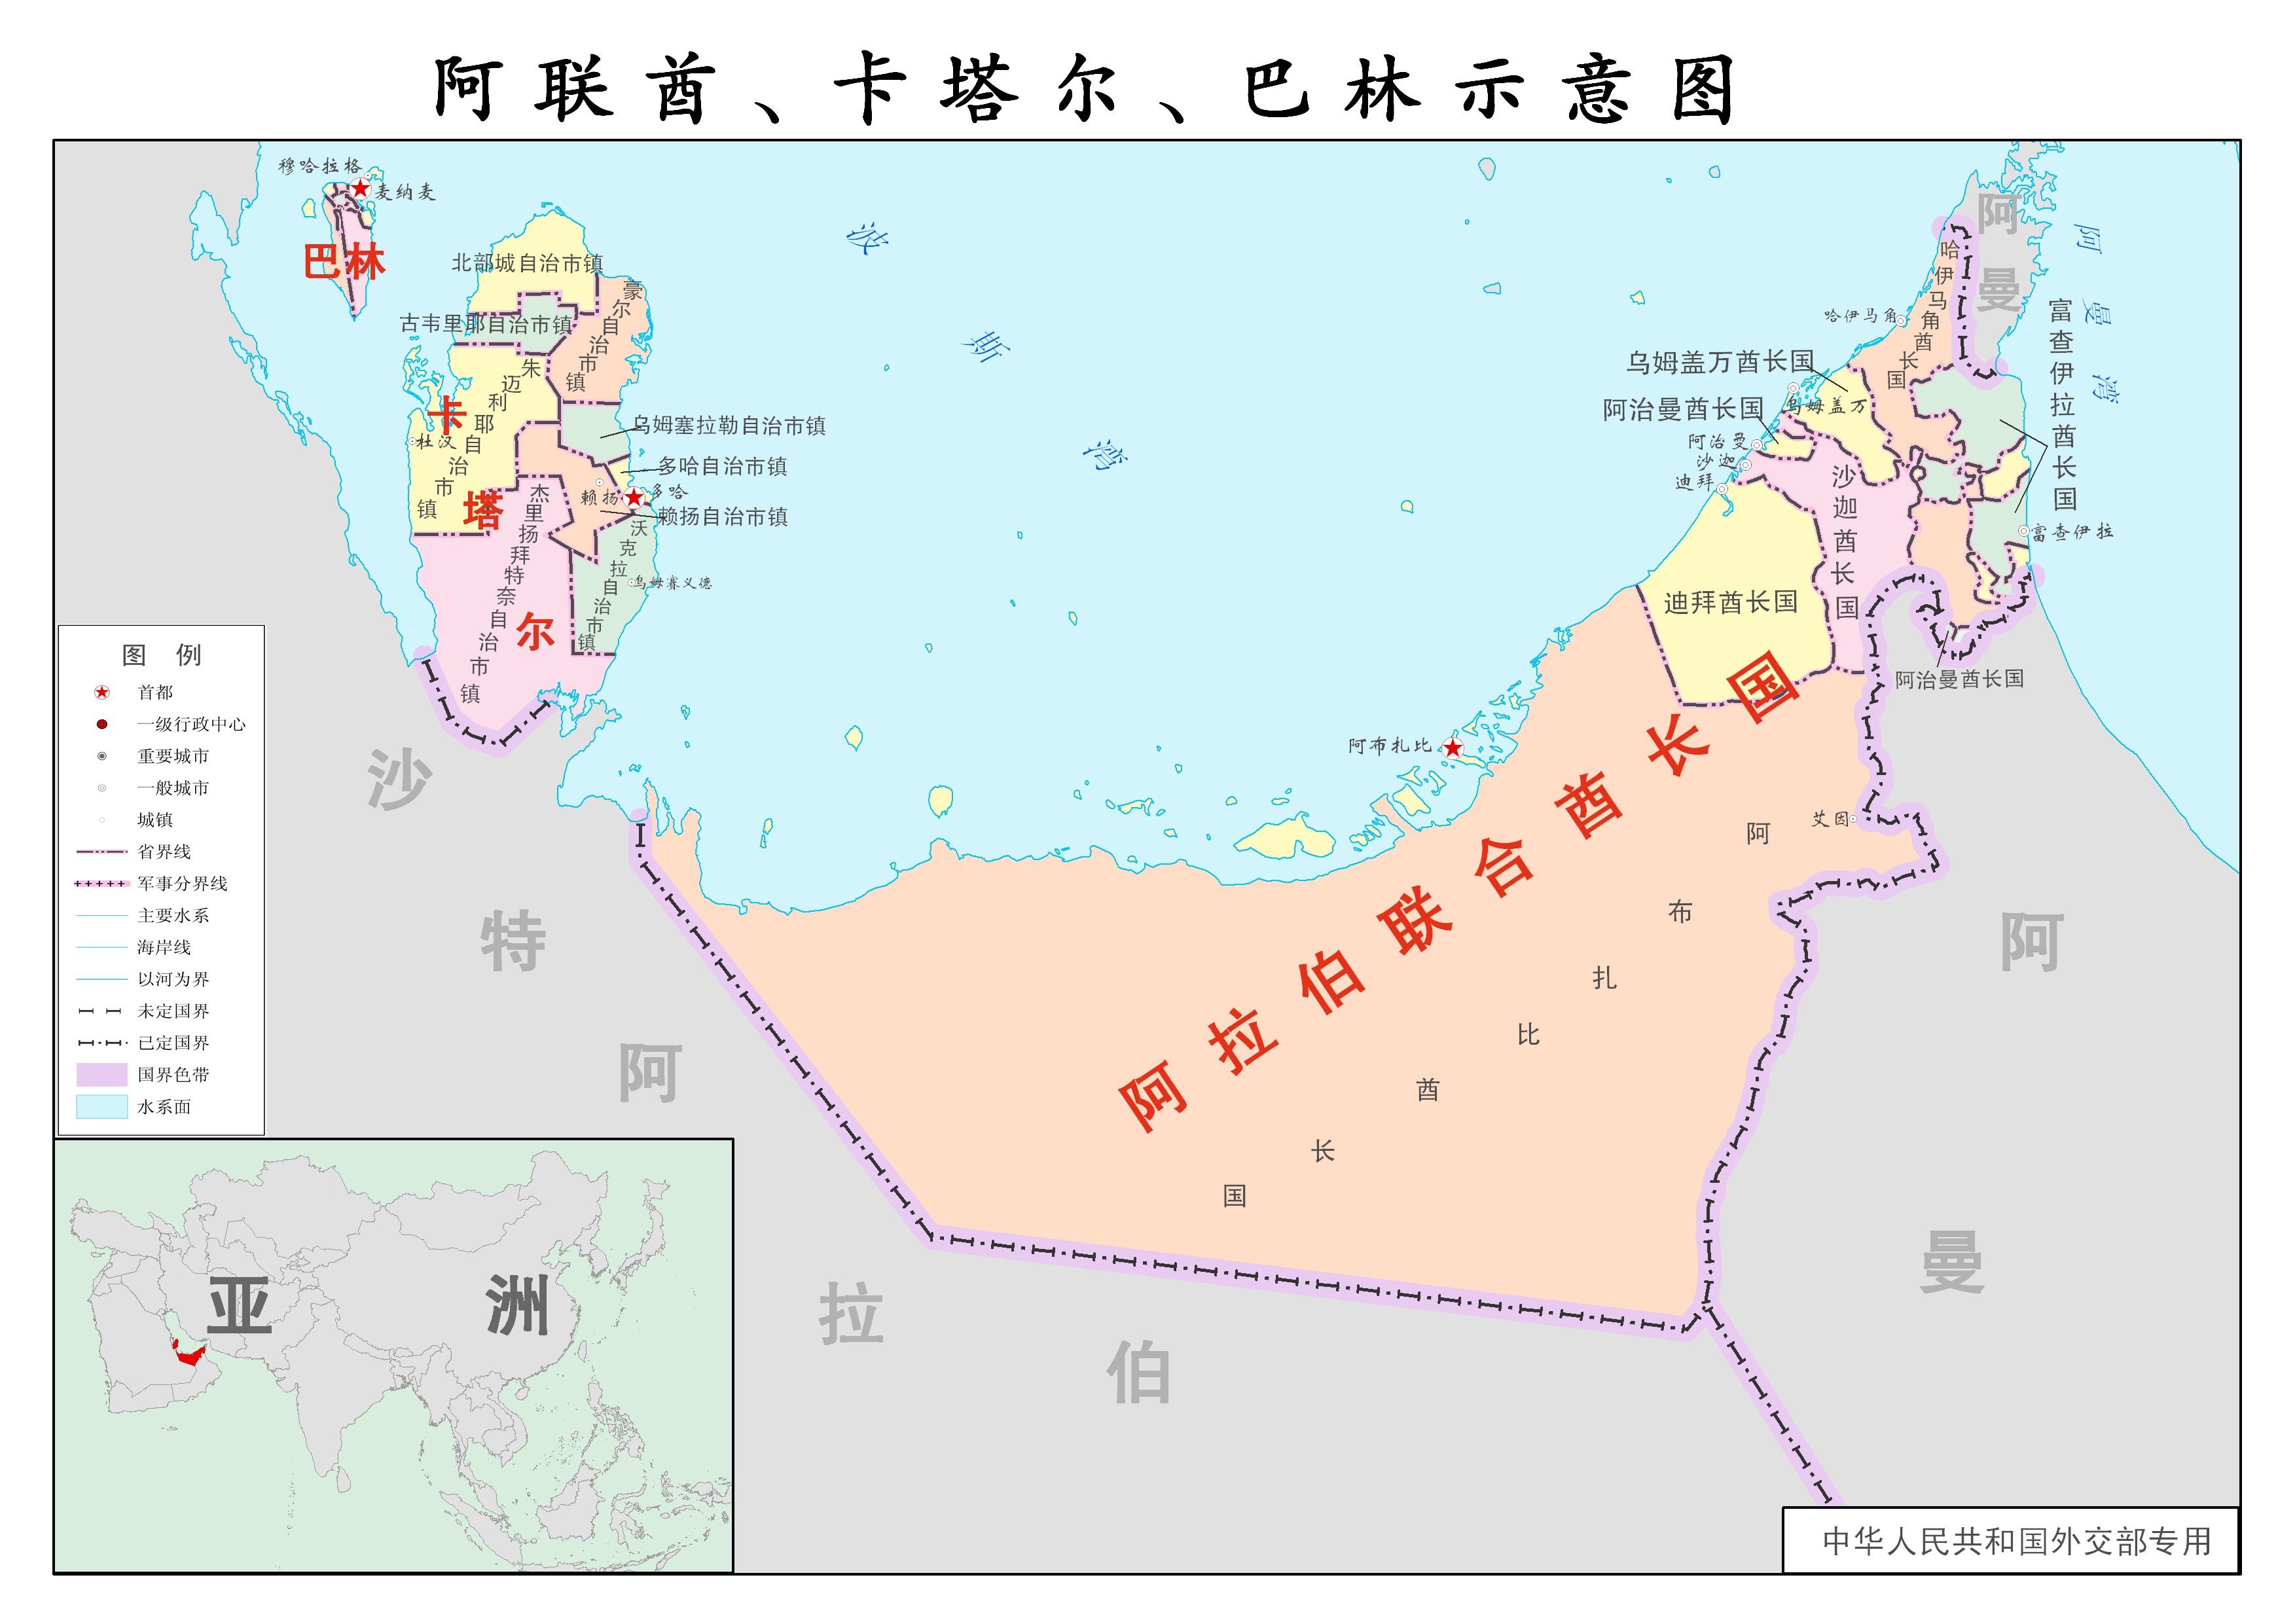 上一张地图: 阿联酋英文版地图